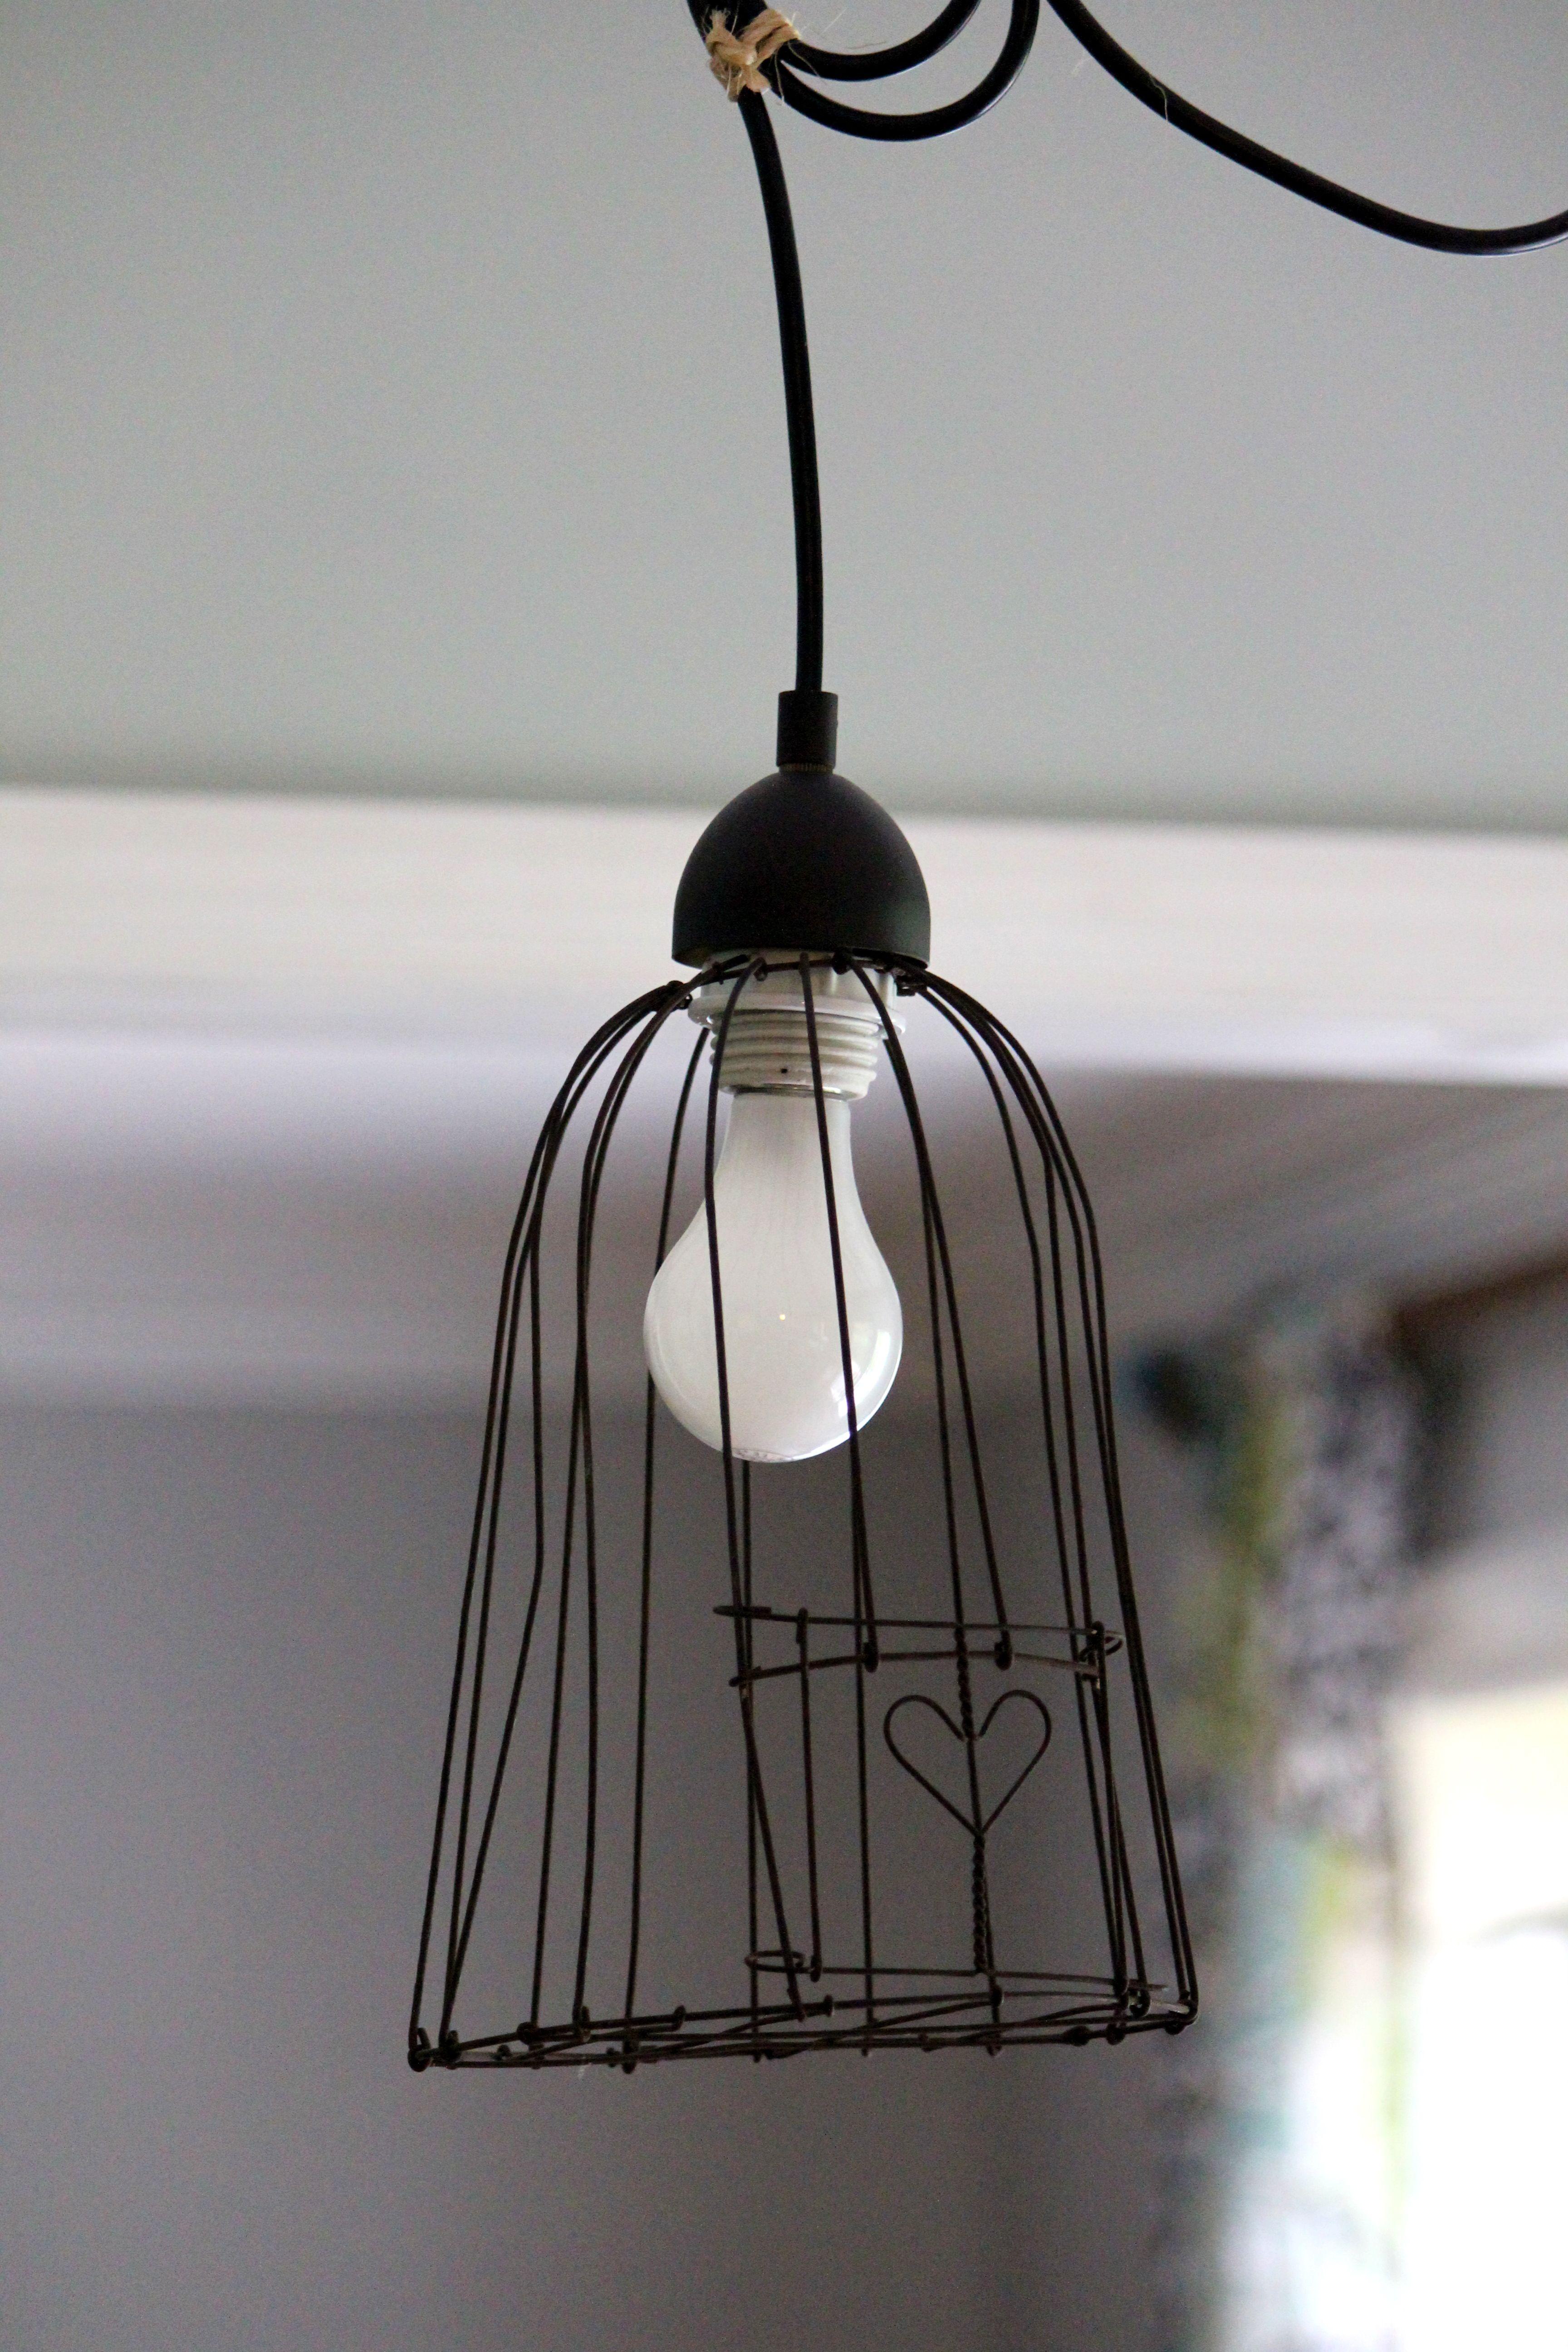 lighting | bedroom | DIY Lamps | Pinterest | Draht, Metall und Lampen